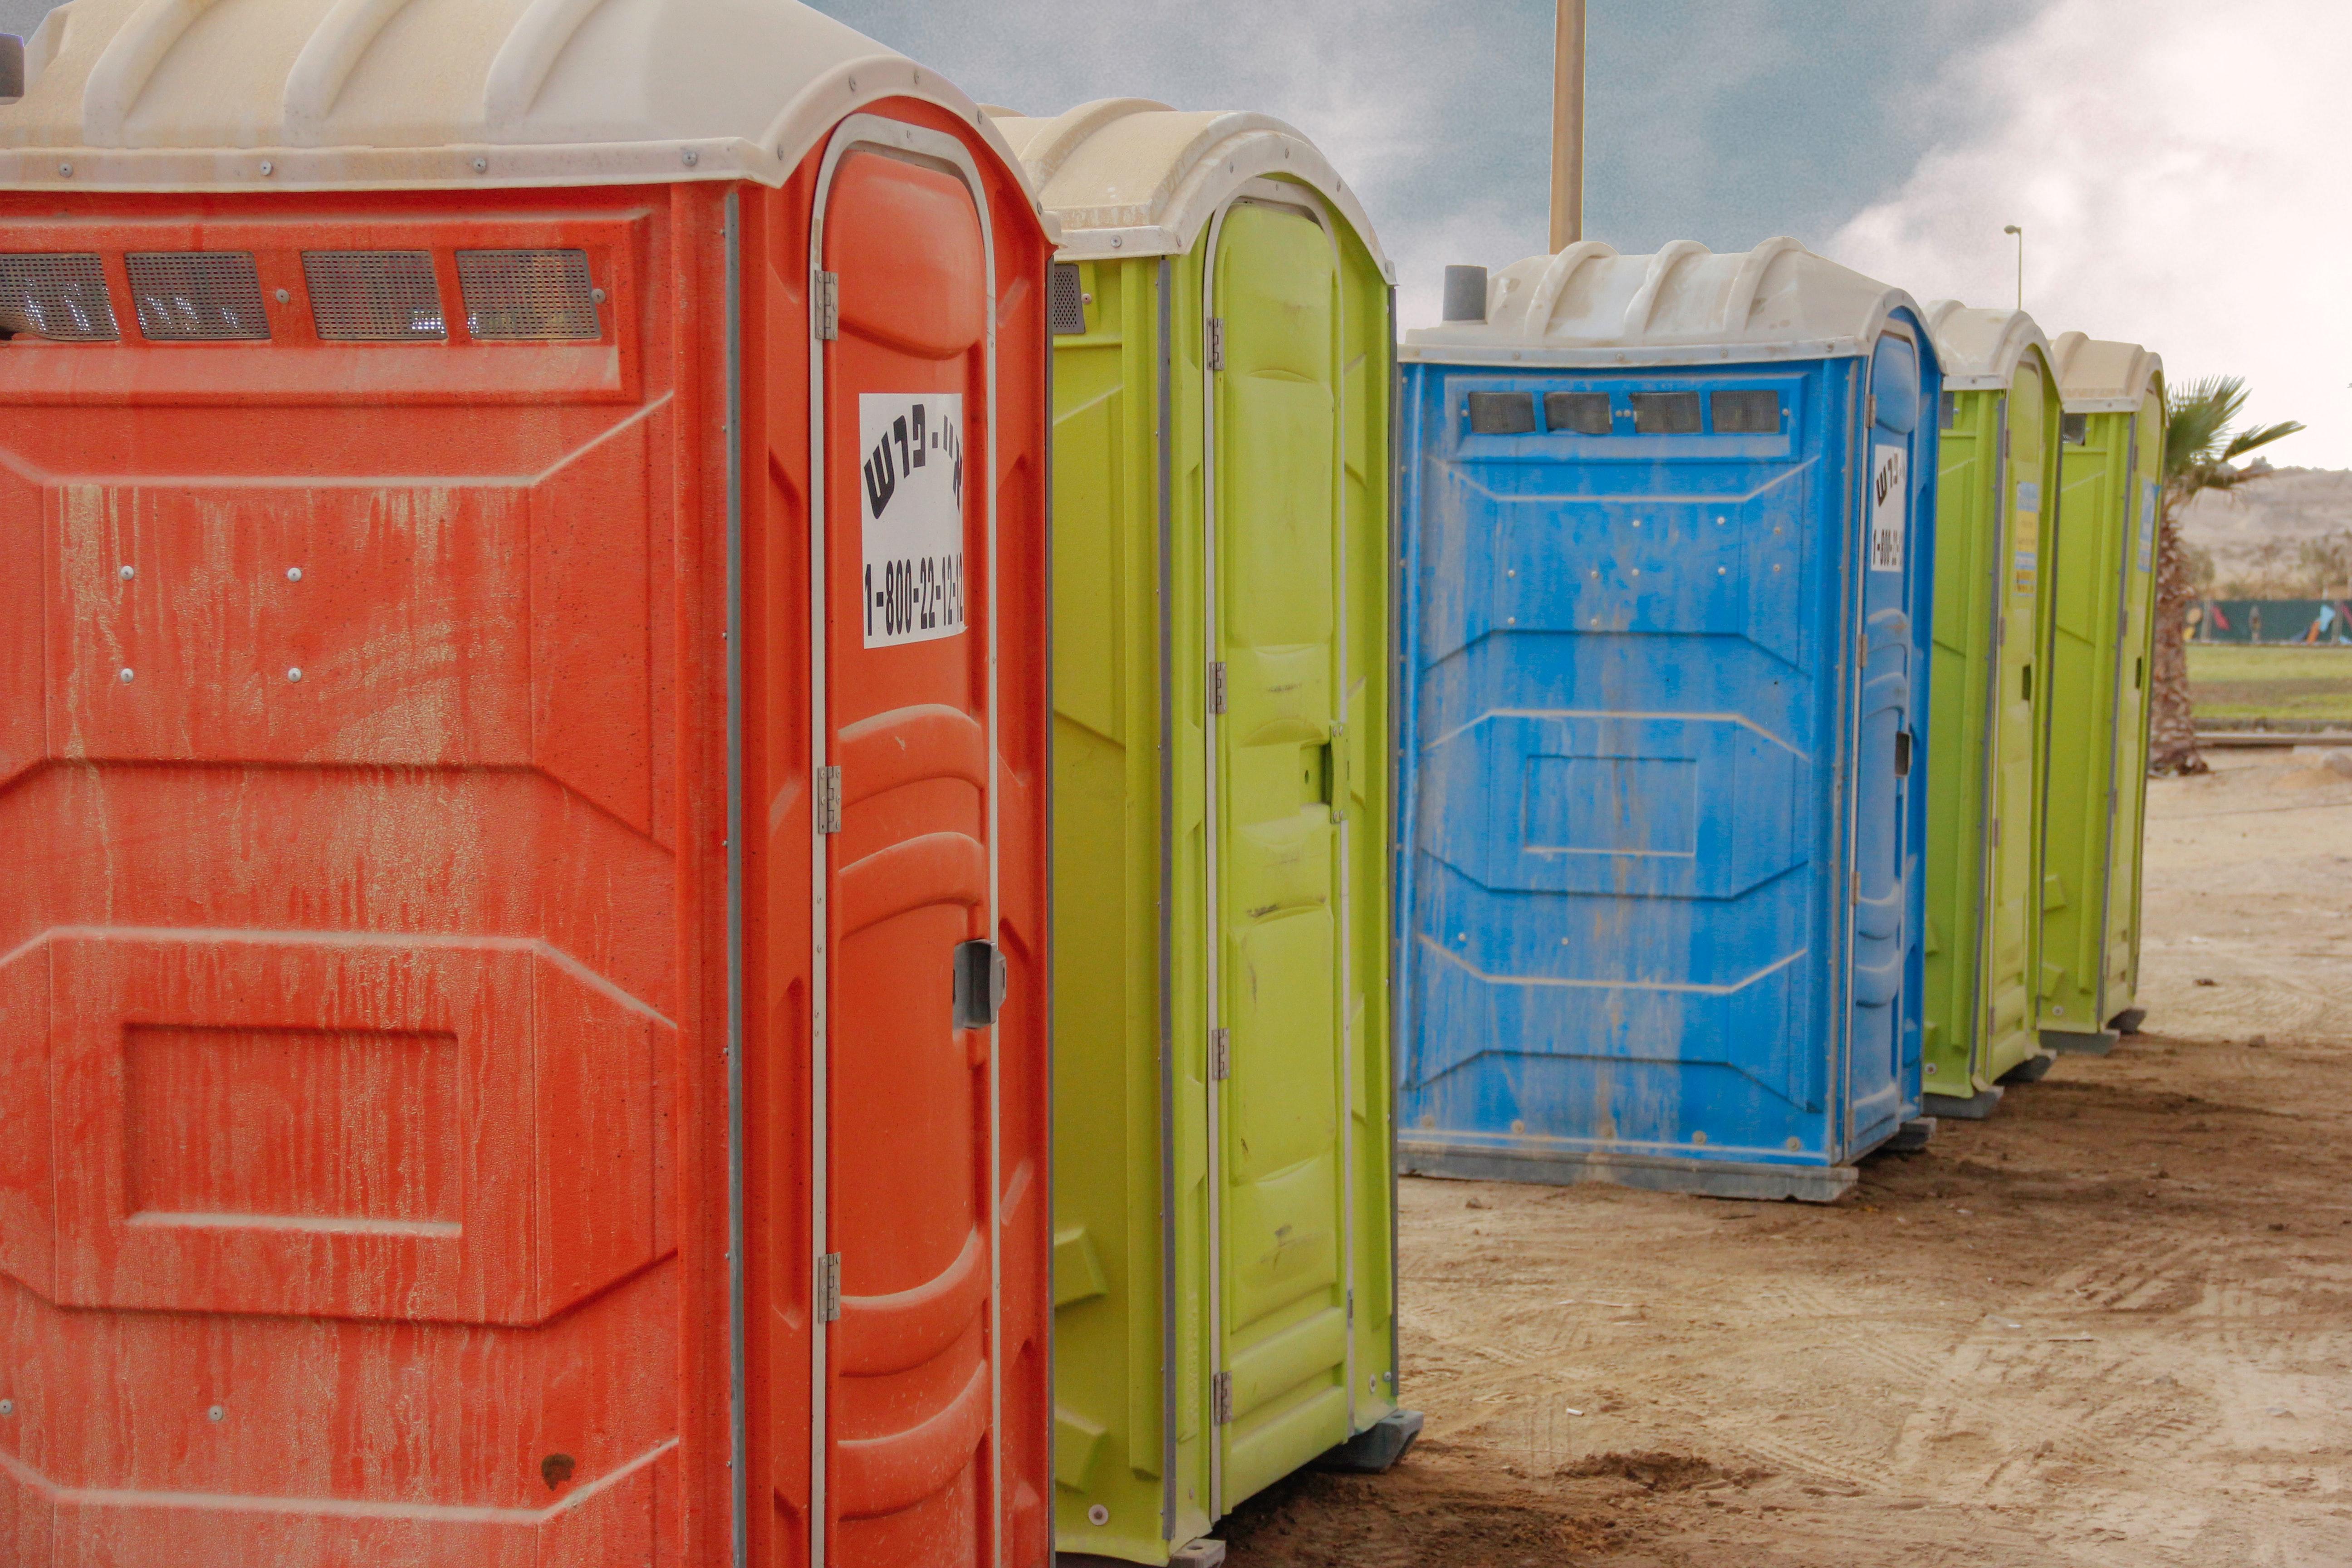 トイレを探す夢の意味17選!汚い・我慢などパターン別解説【夢占い】